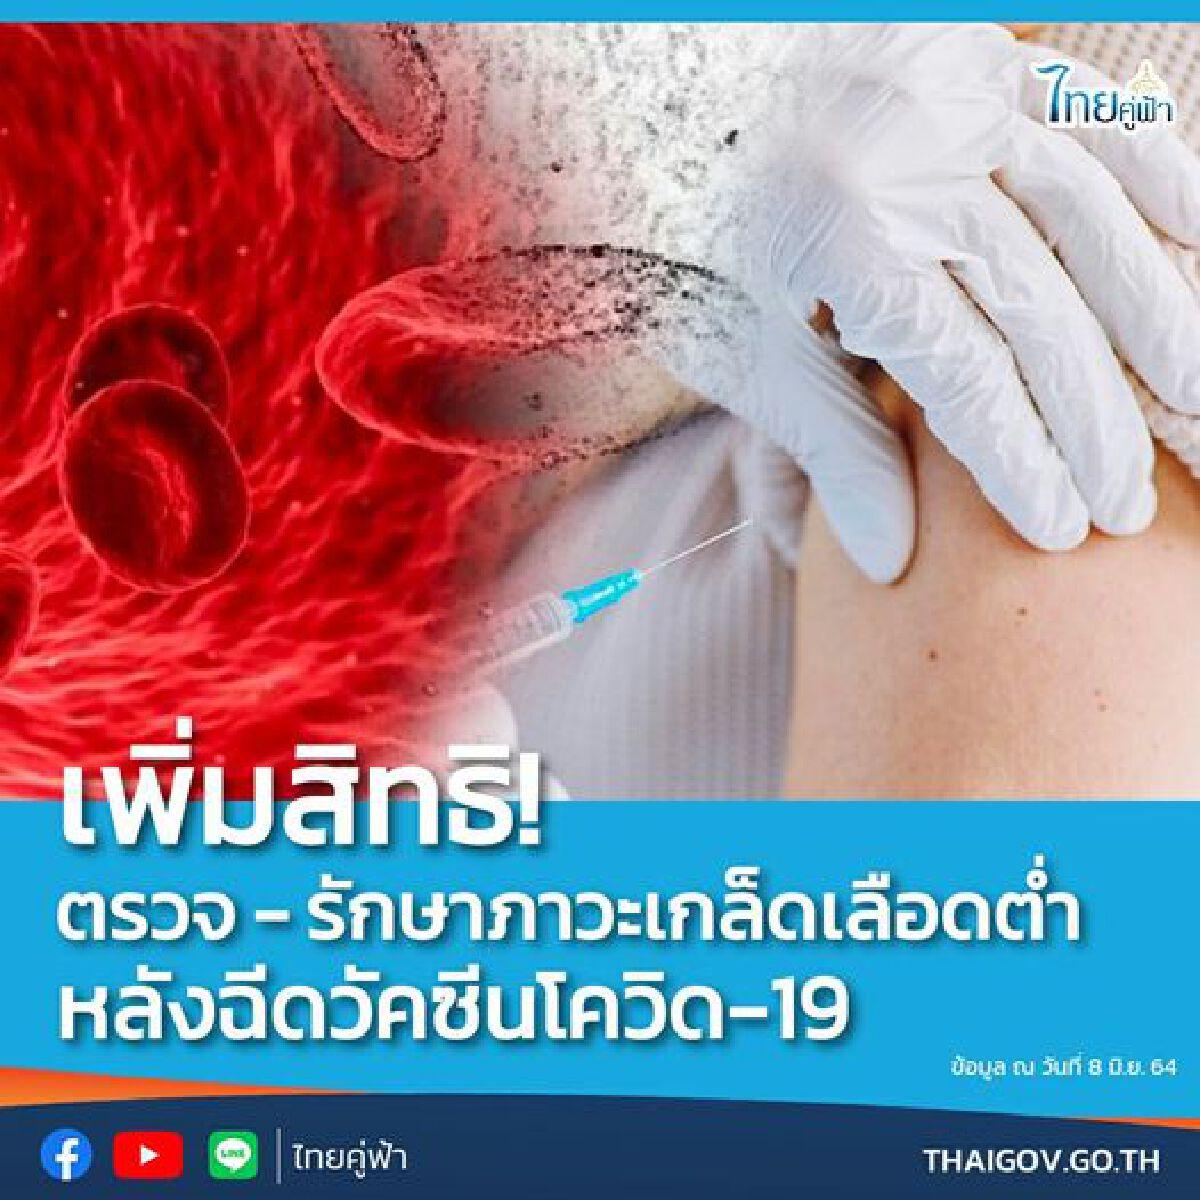 เพิ่มสิทธิ ตรวจ - รักษาภาวะเกล็ดเลือดต่ำ หลังฉีดวัคซีนโควิด-19